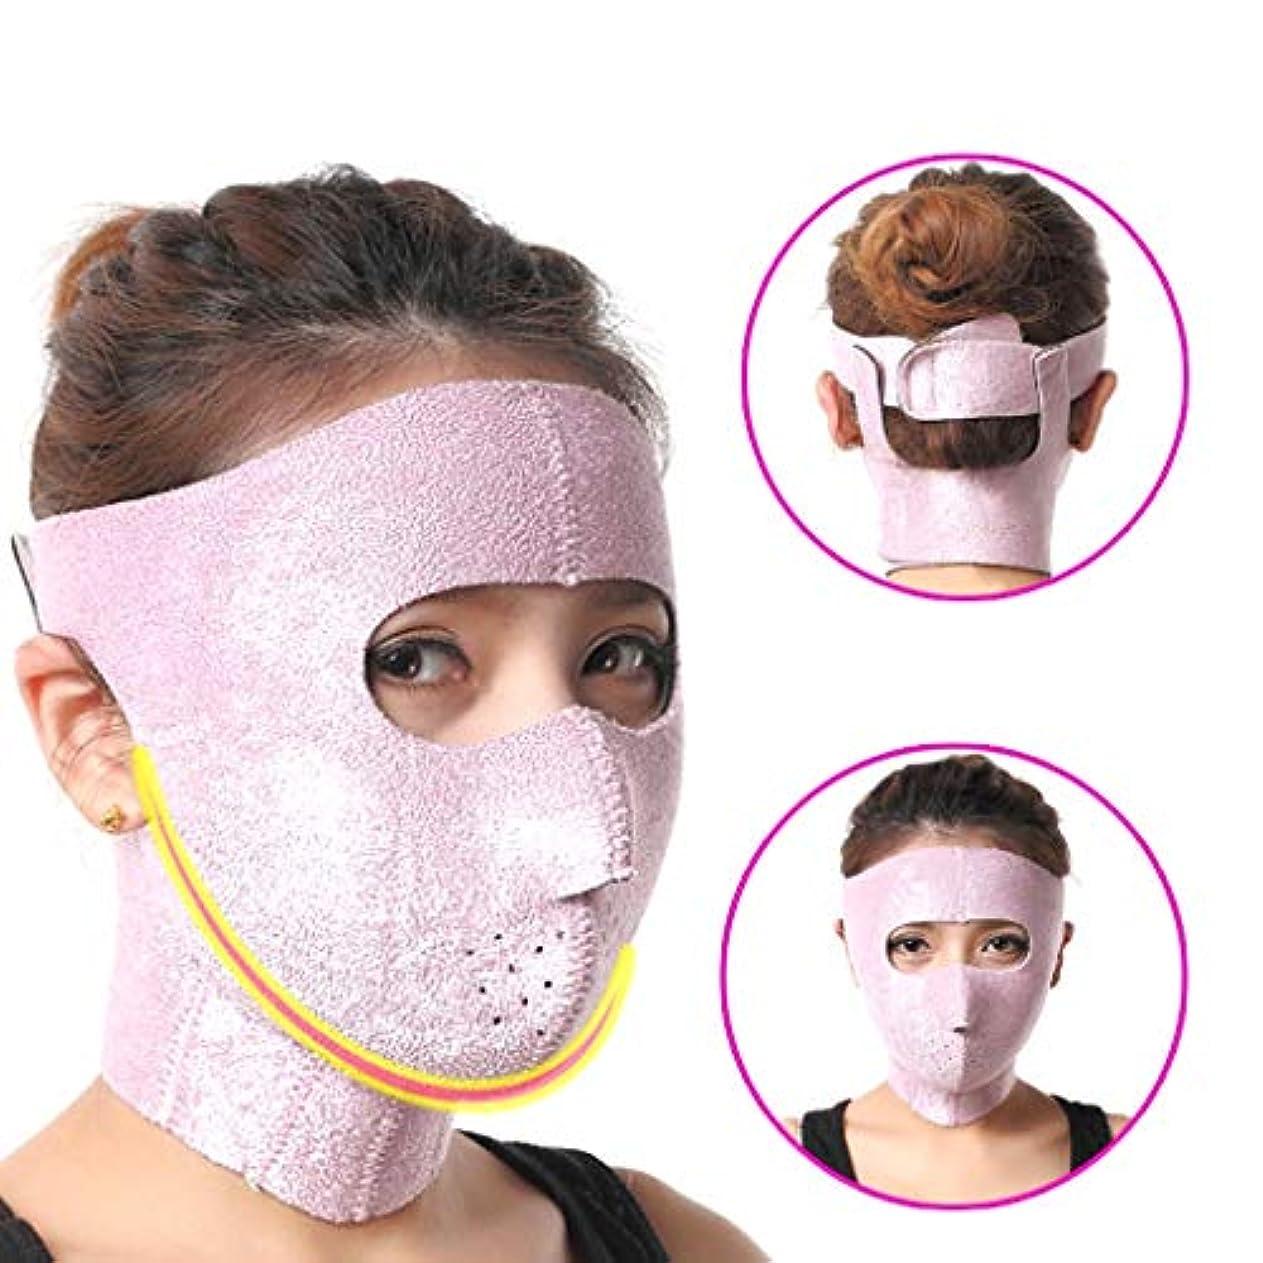 百万震え被害者XHLMRMJ 薄いあご修正ツール、顔リフティングマスク、リフティングファーミング、Vフェイシャルマスク、改良された咬筋二重あご、男性と女性の両方に適しています